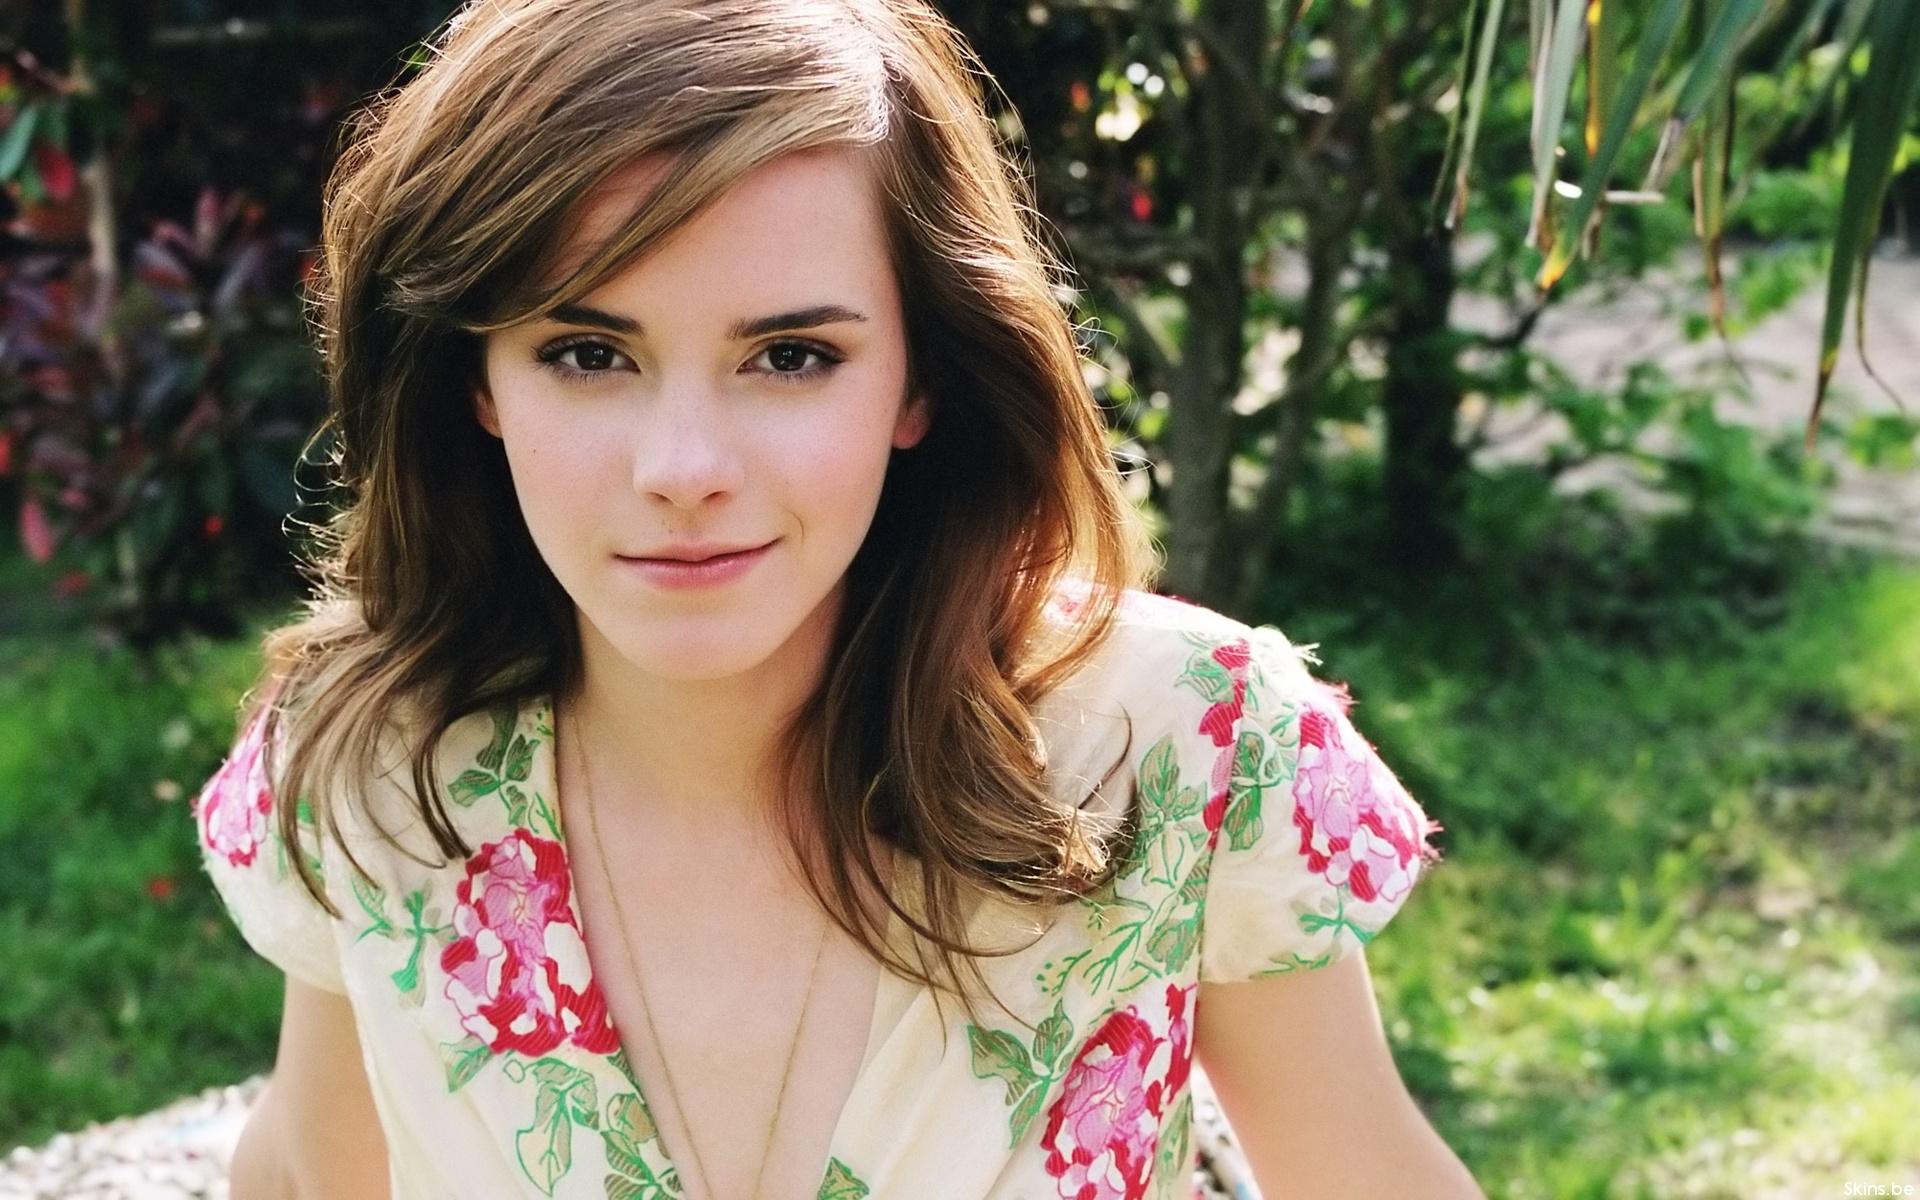 49450 Hintergrundbild herunterladen Menschen, Mädchen, Emma Watson - Bildschirmschoner und Bilder kostenlos